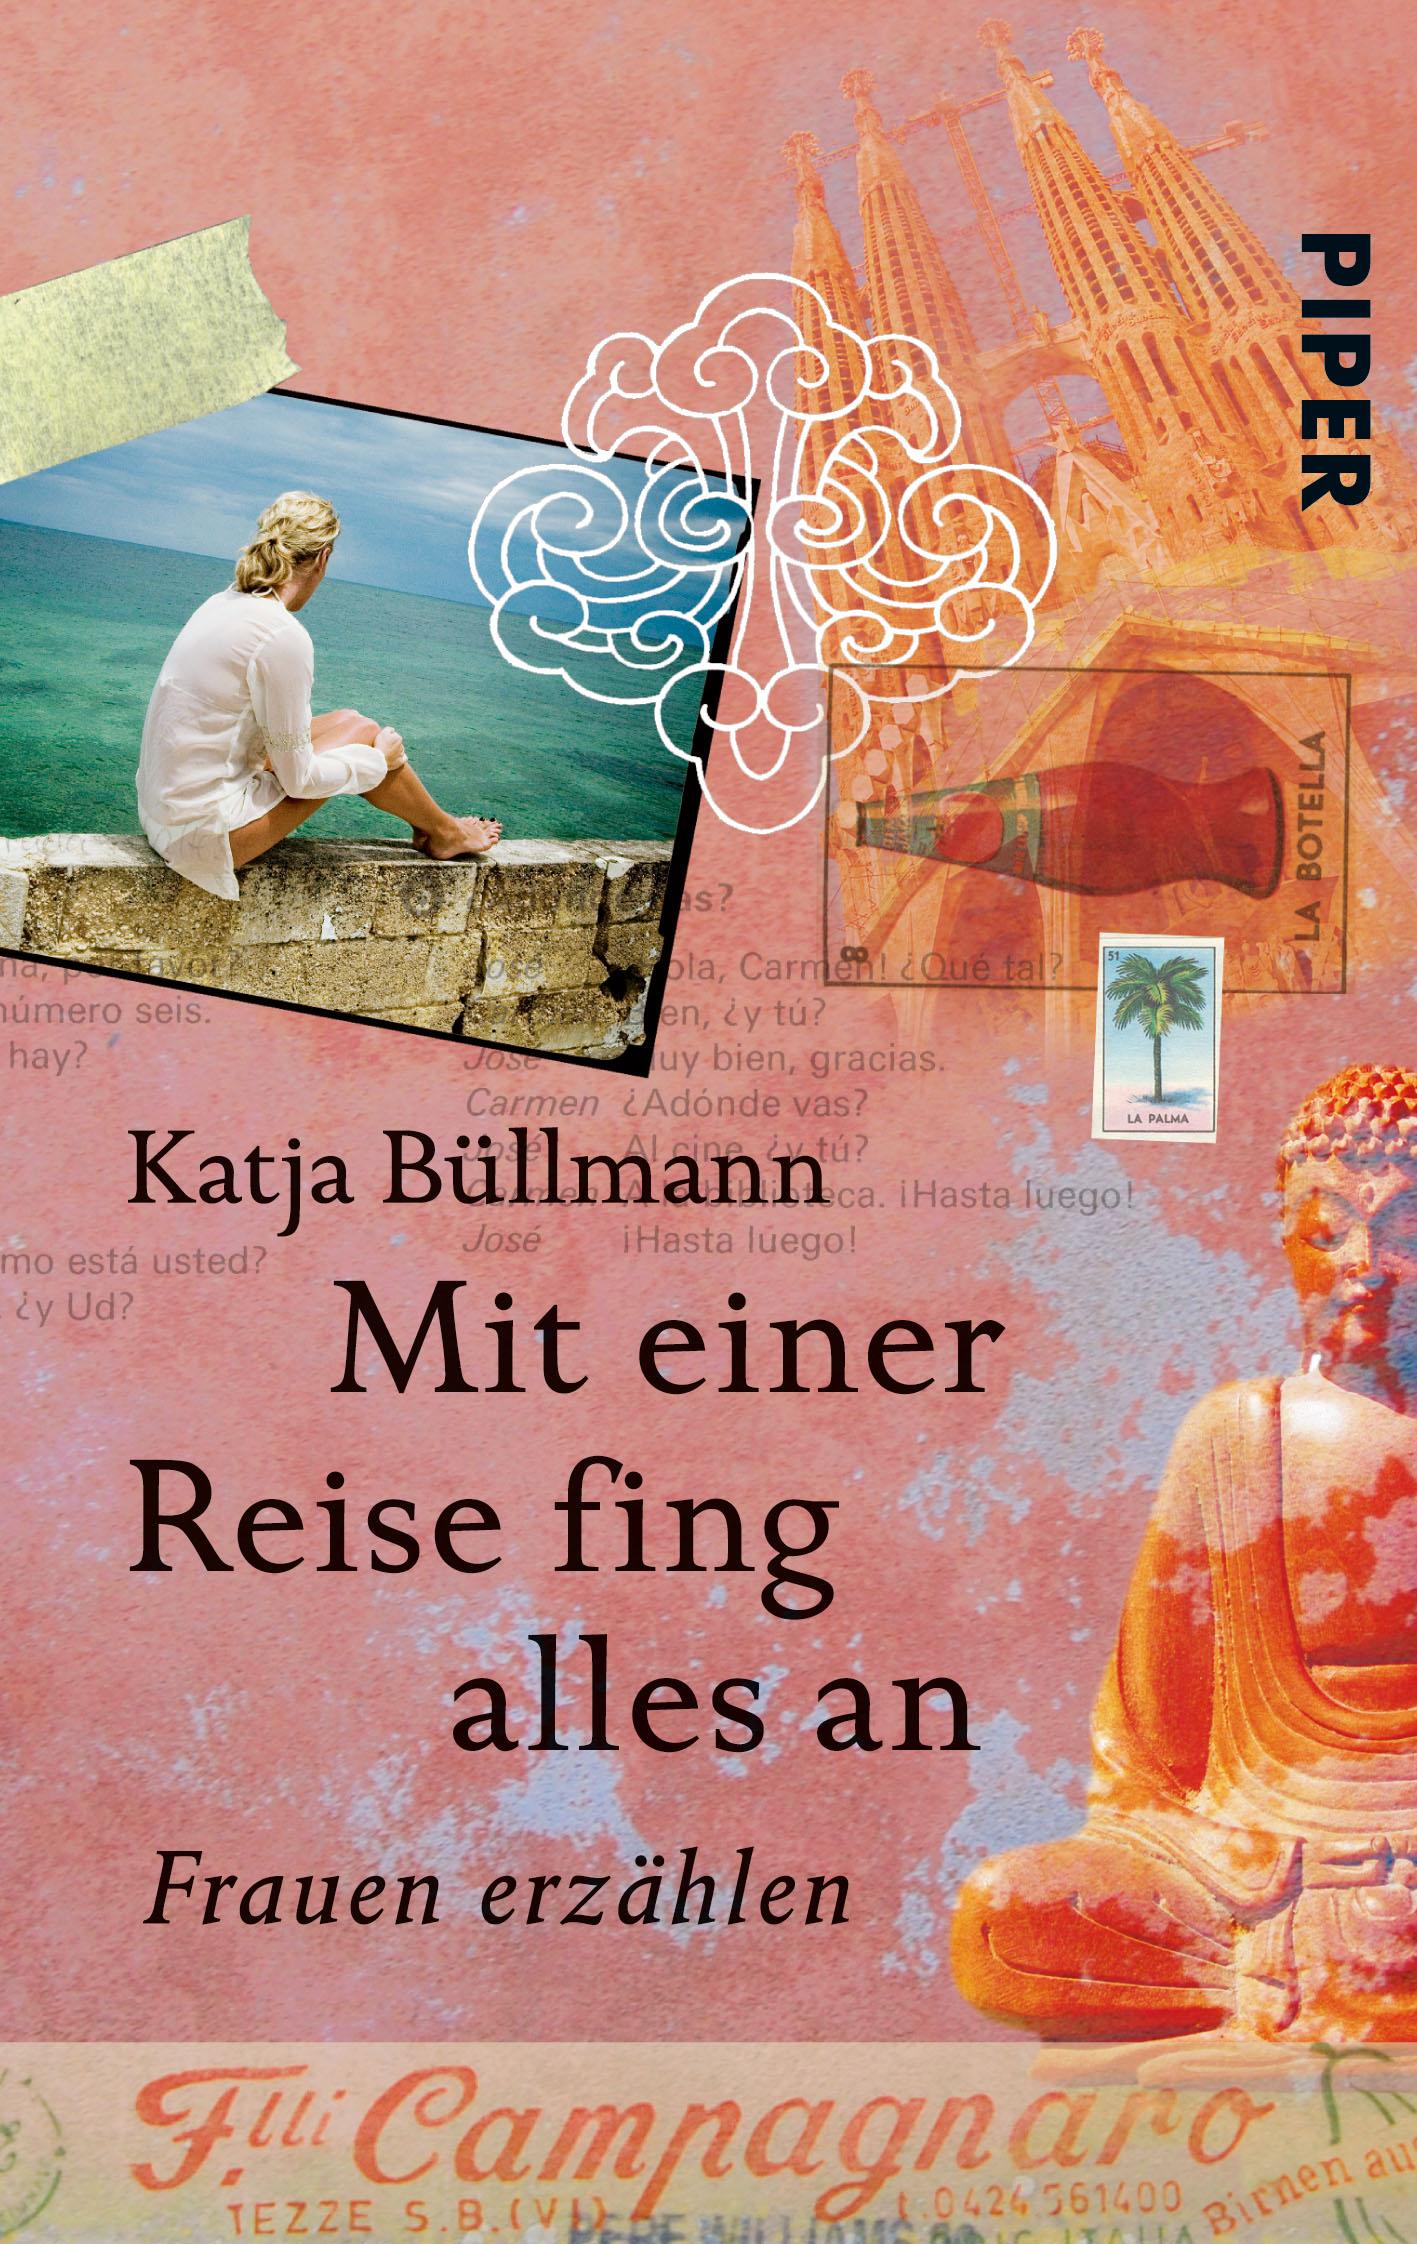 Mit einer Reise fing alles an: Frauen erzählen - Katja Büllmann